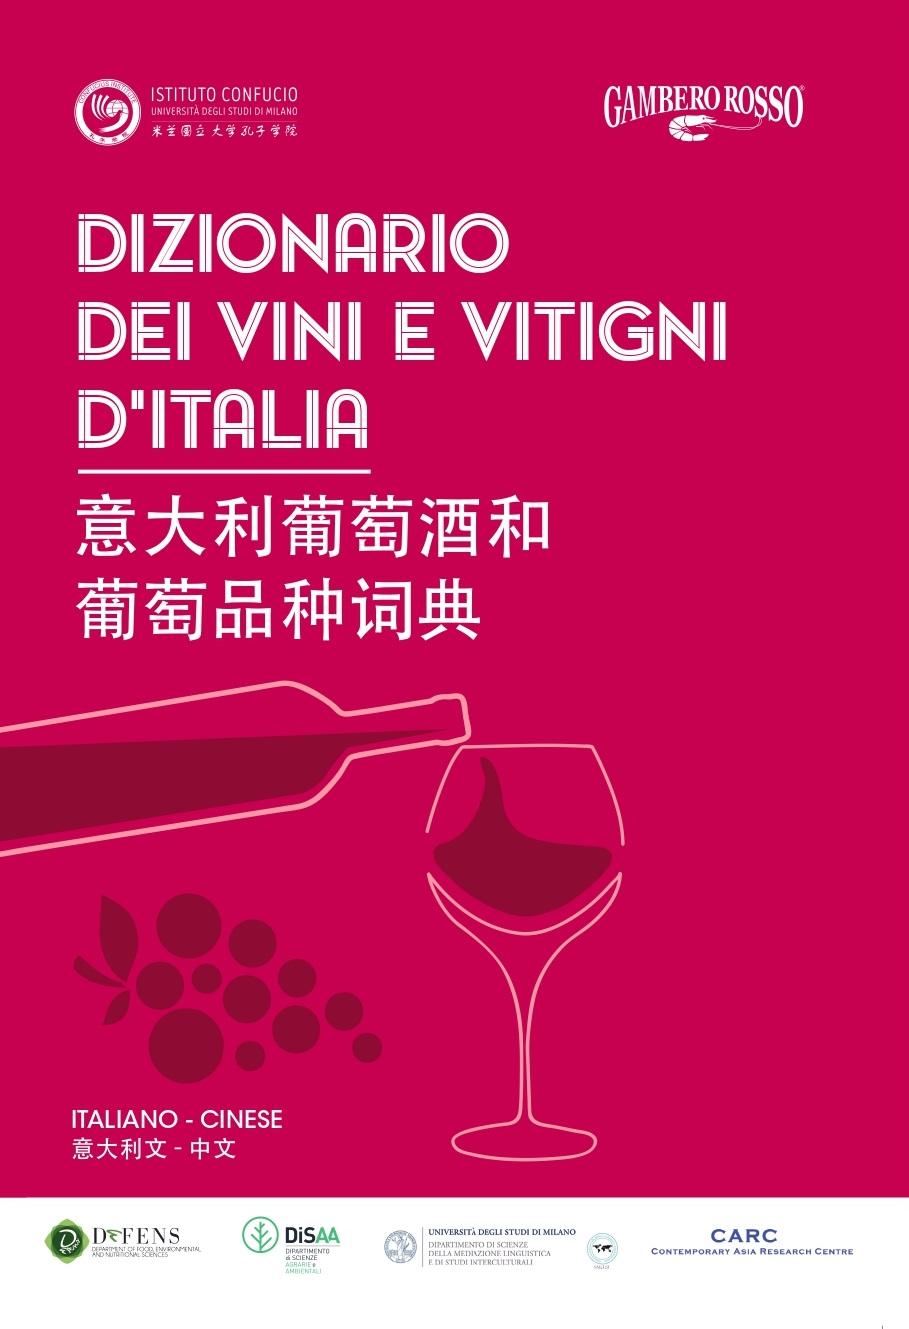 copertina dizionario dei vini